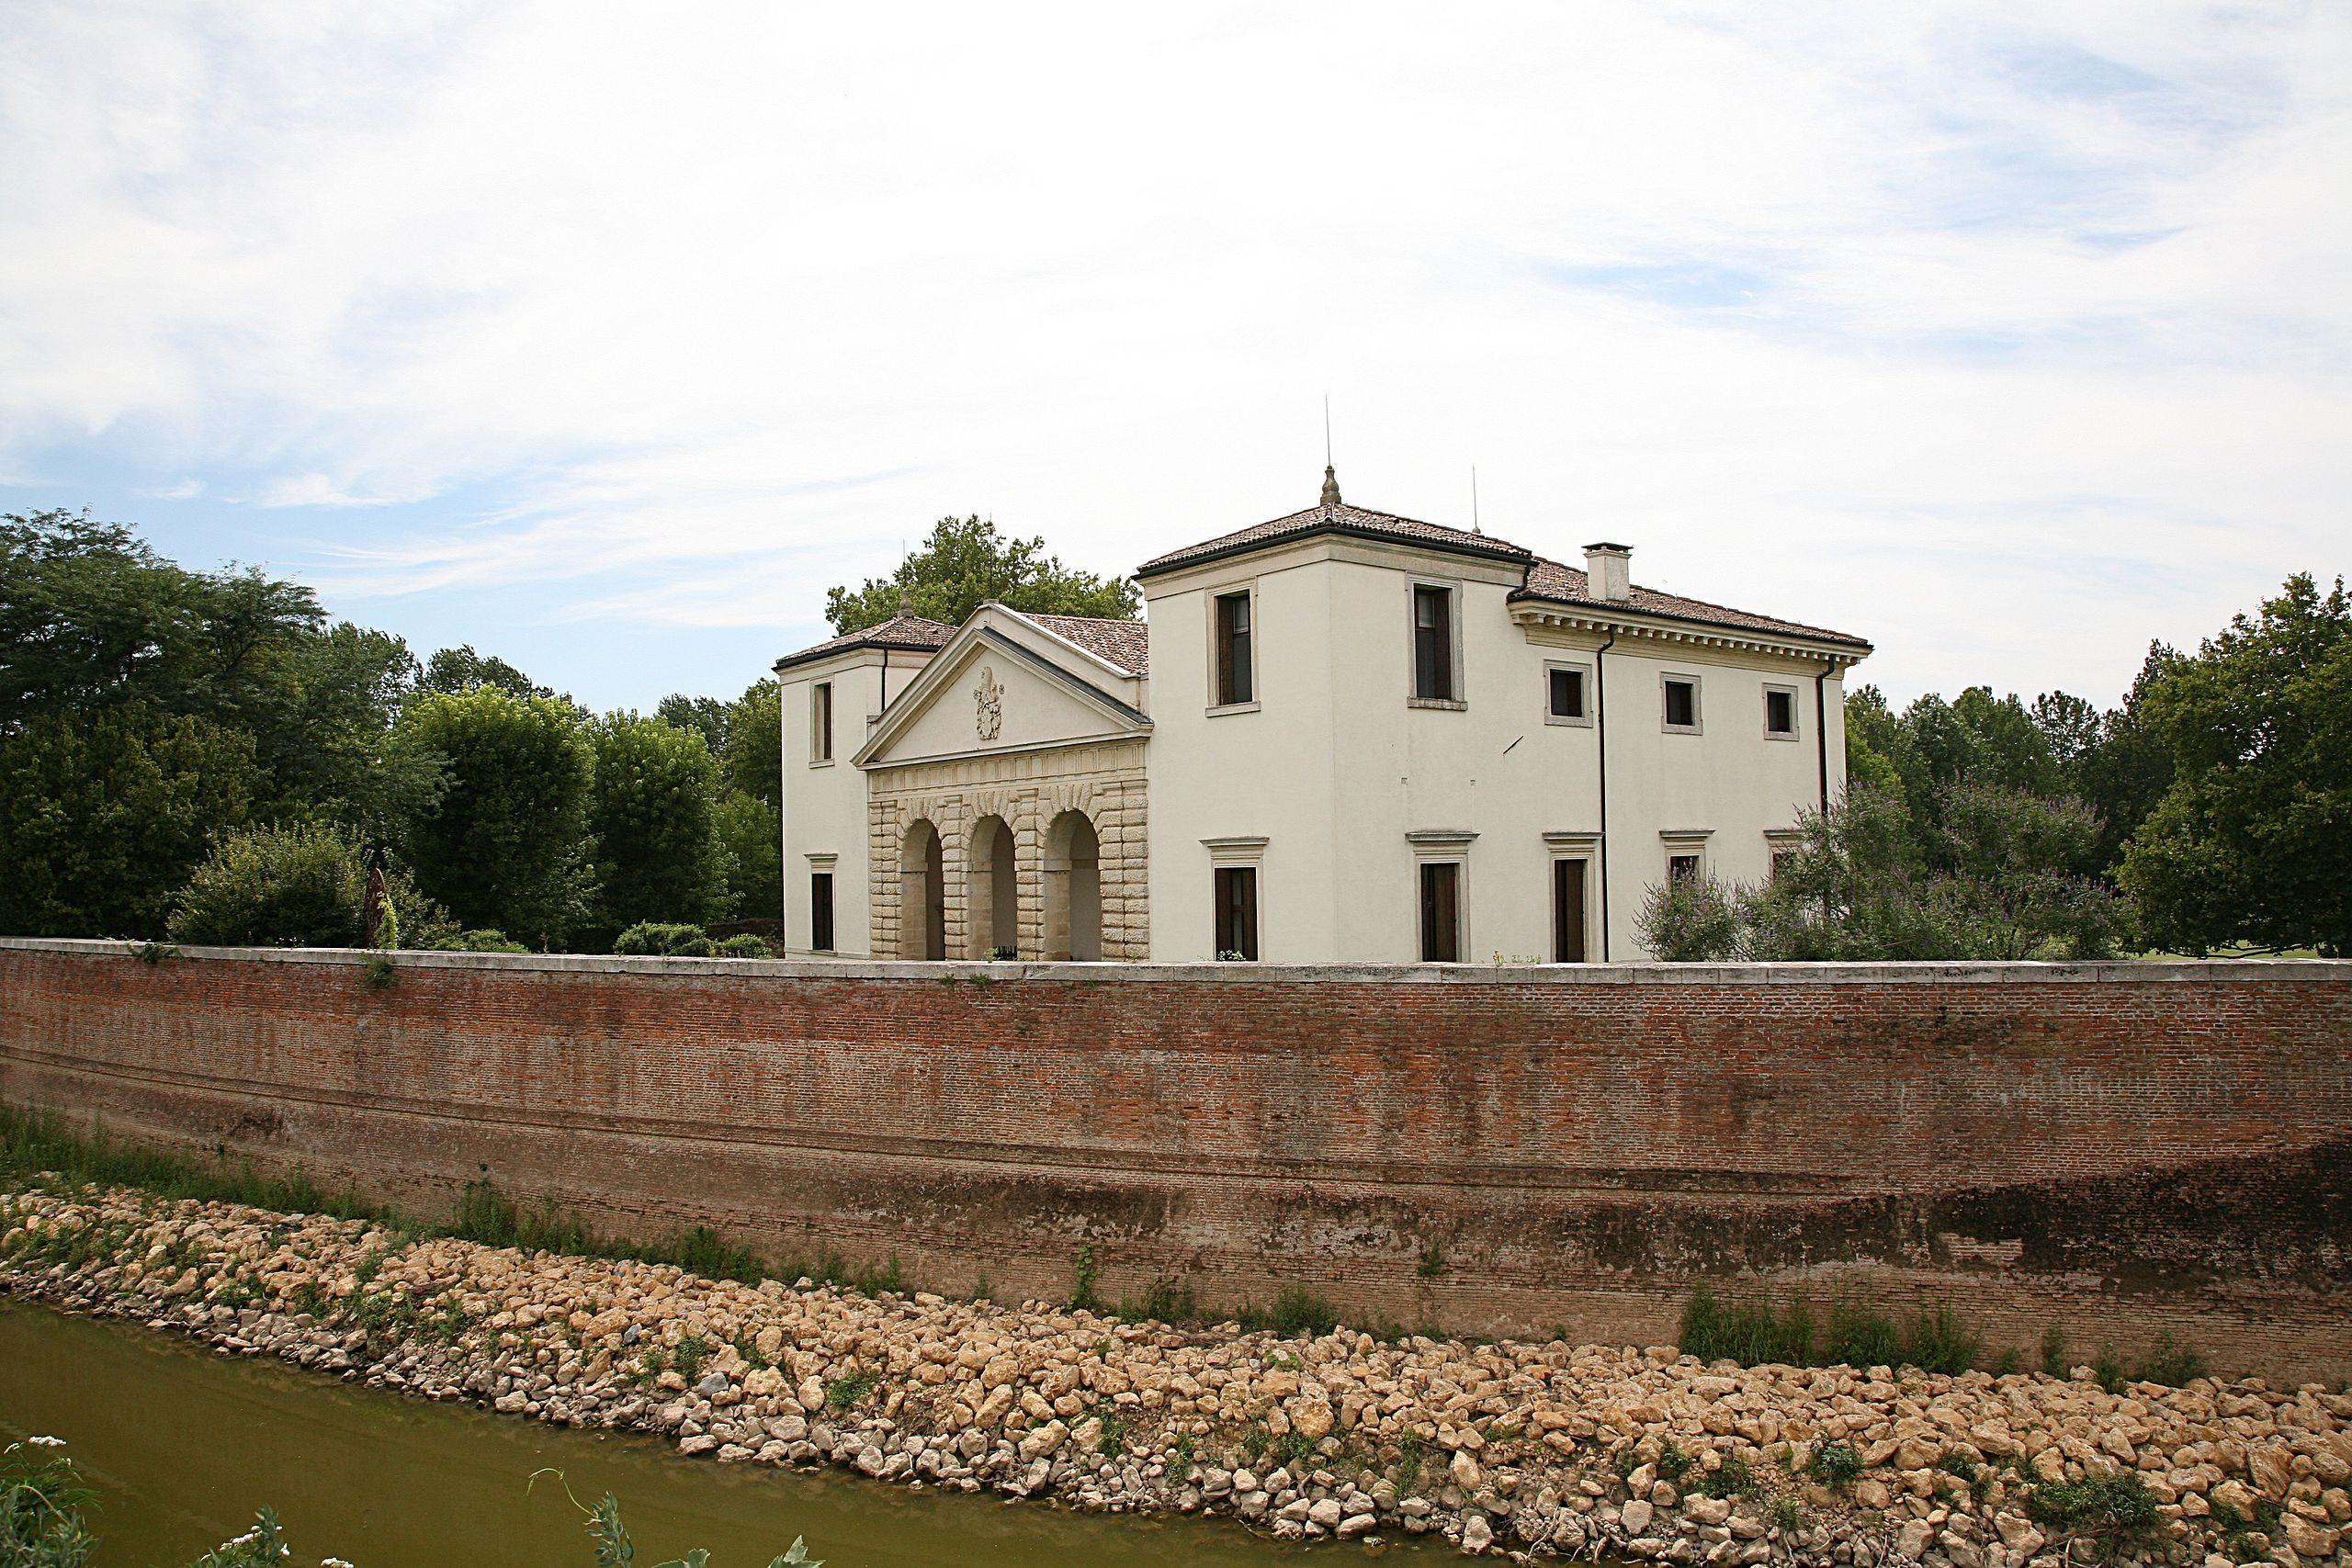 Villa Pisani Bagnolo Wikipedia Italian Villa Villa Andrea